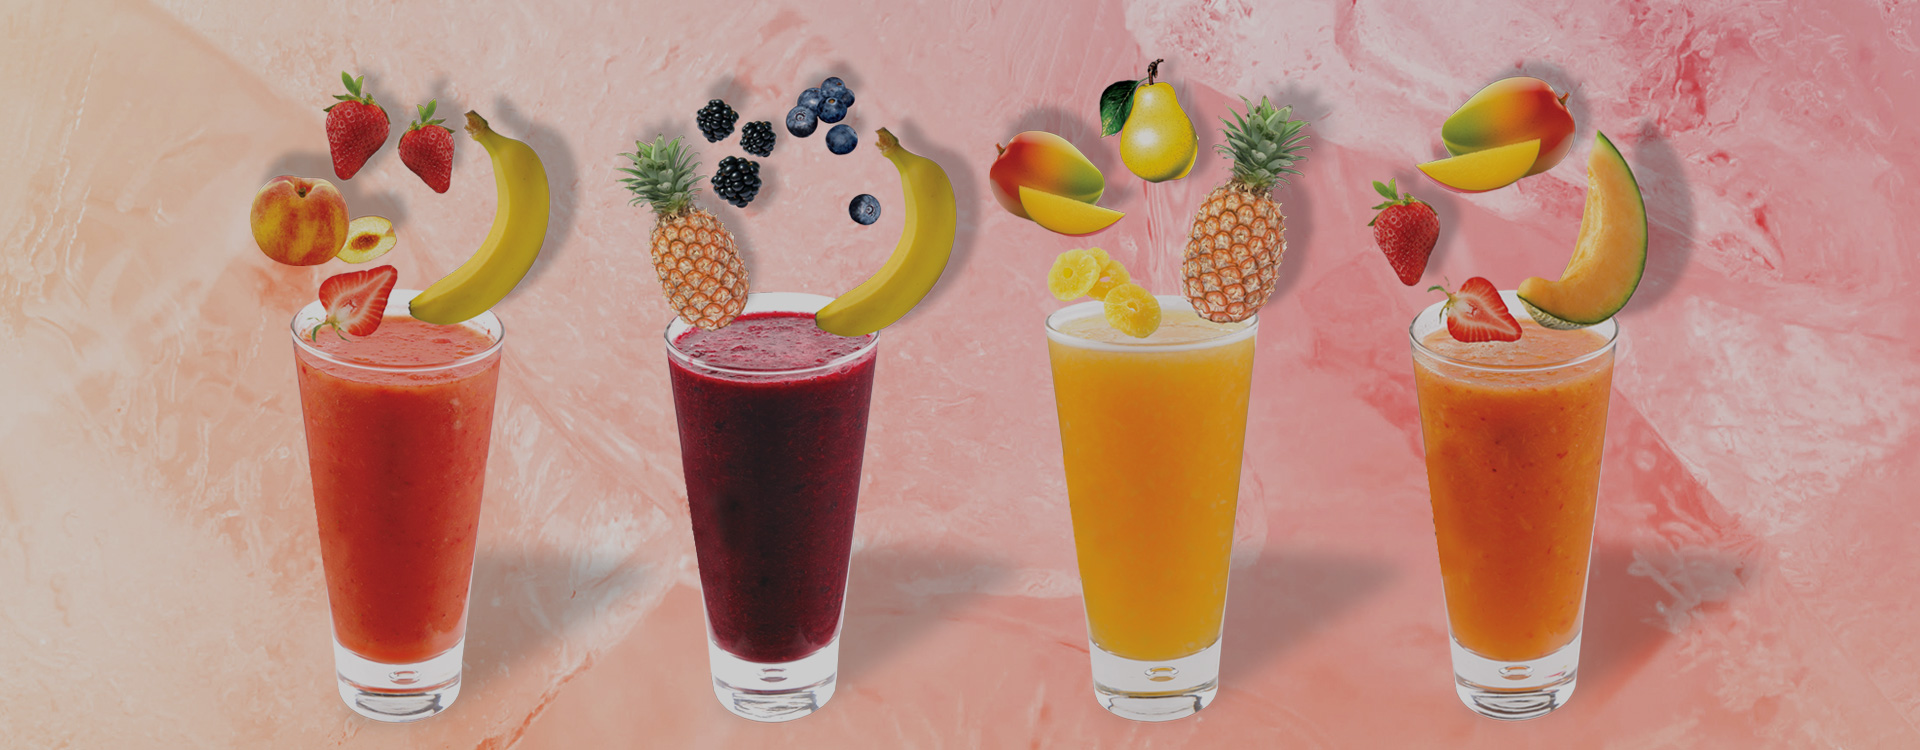 home-slide-juices2